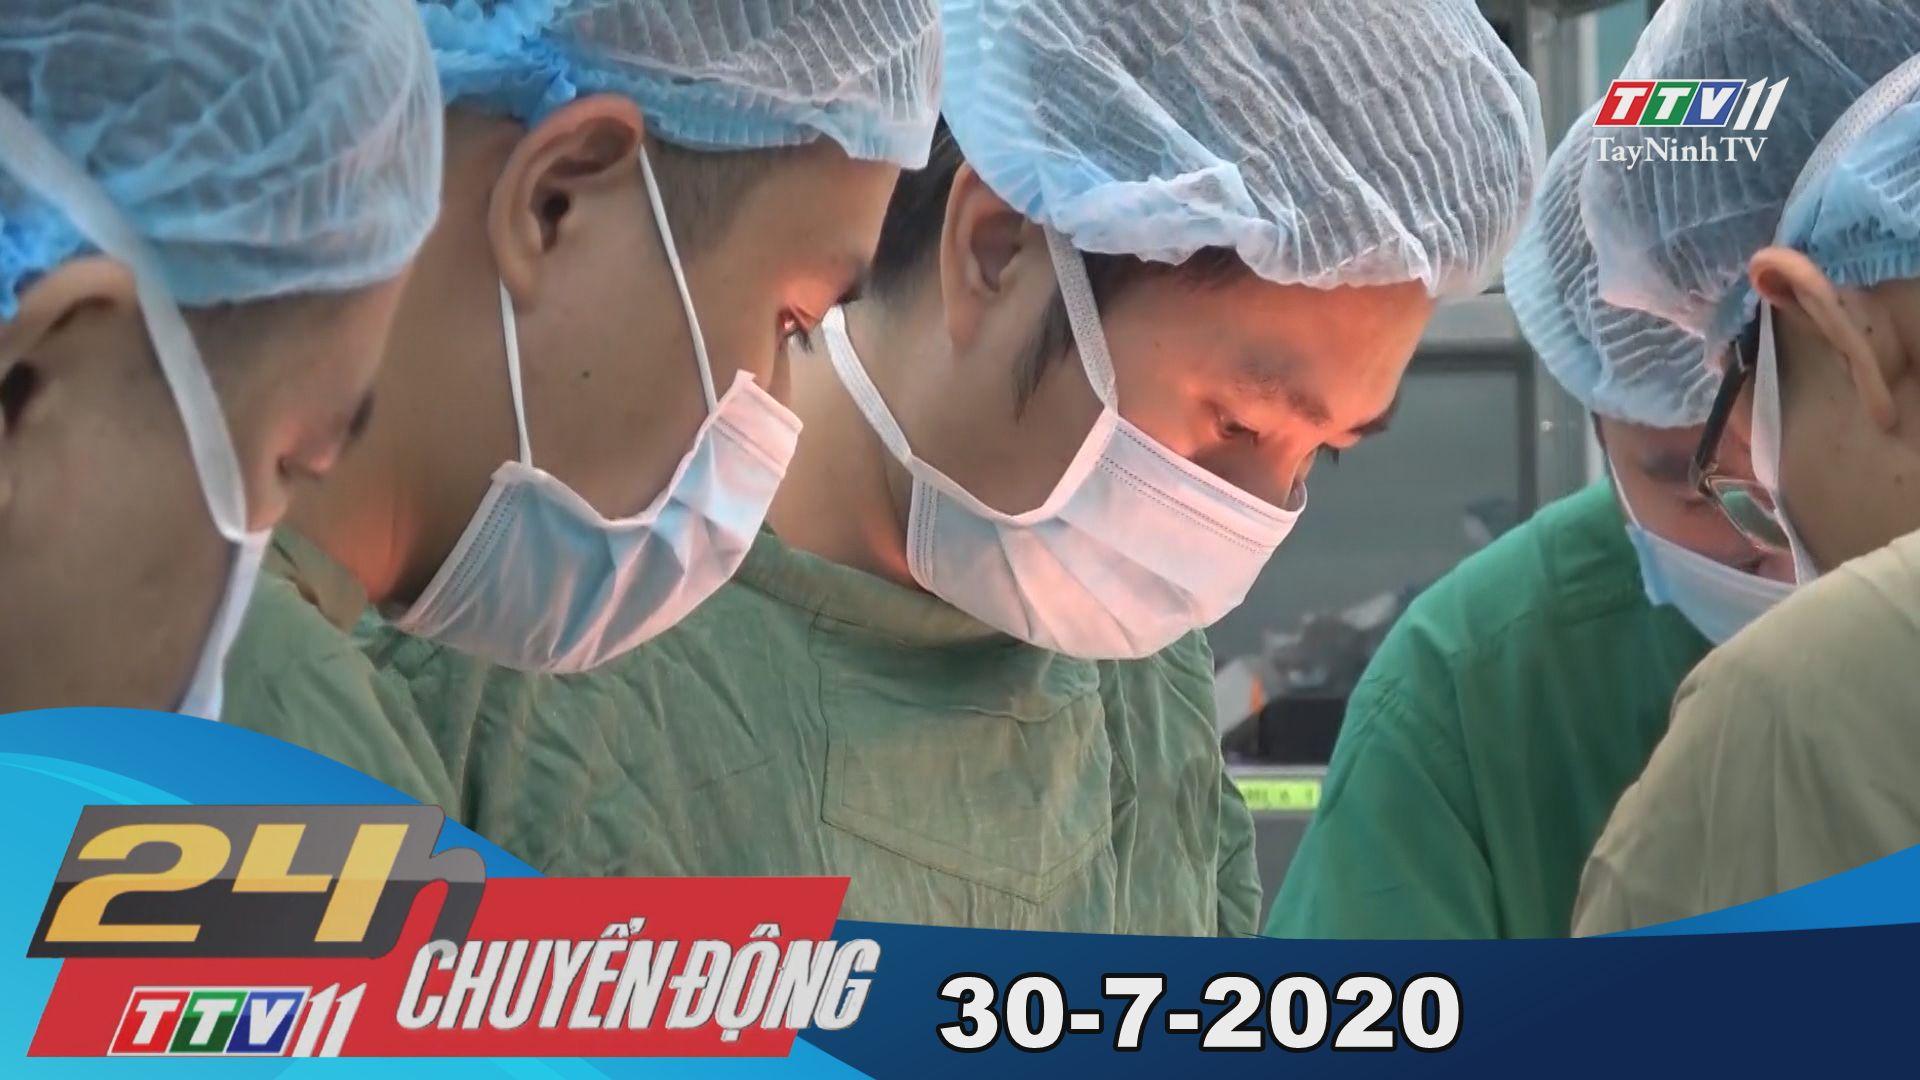 24h Chuyển động 30-7-2020 | Tin tức hôm nay | TayNinhTV